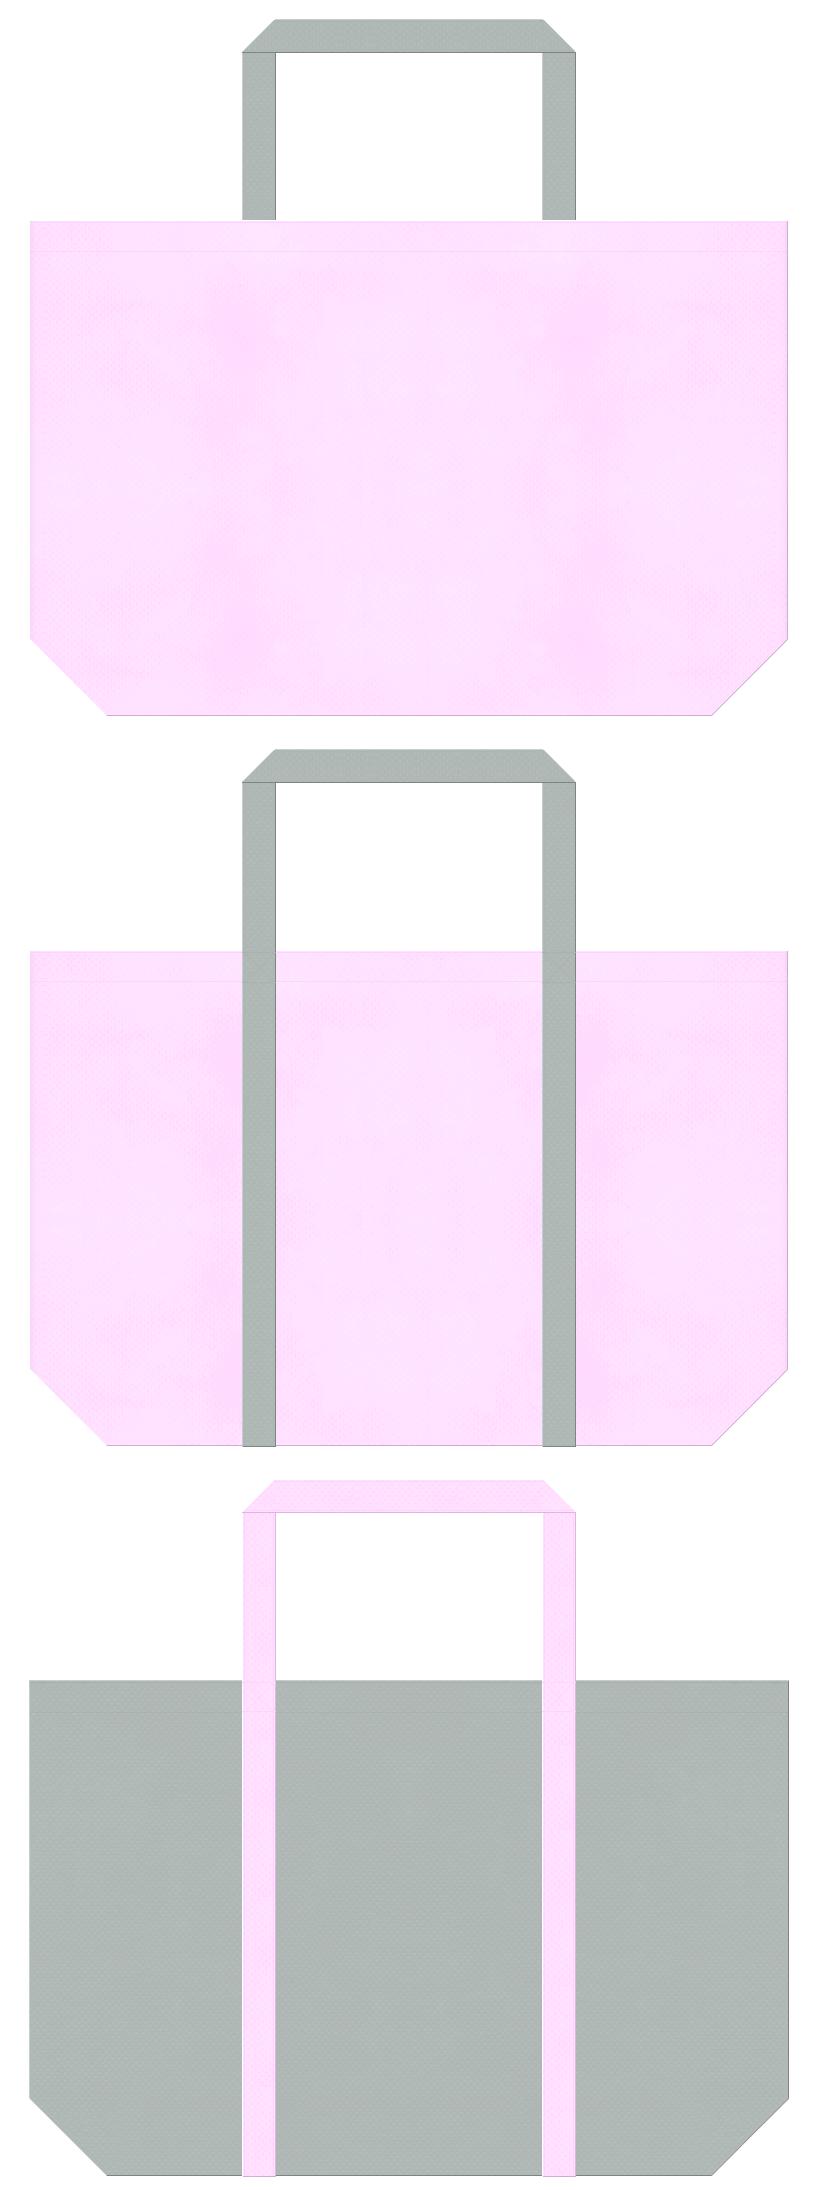 事務服・制服・アクセサリー・ガーリーデザインにお奨めの不織布バッグデザイン:明るいピンク色とグレー色のコーデ